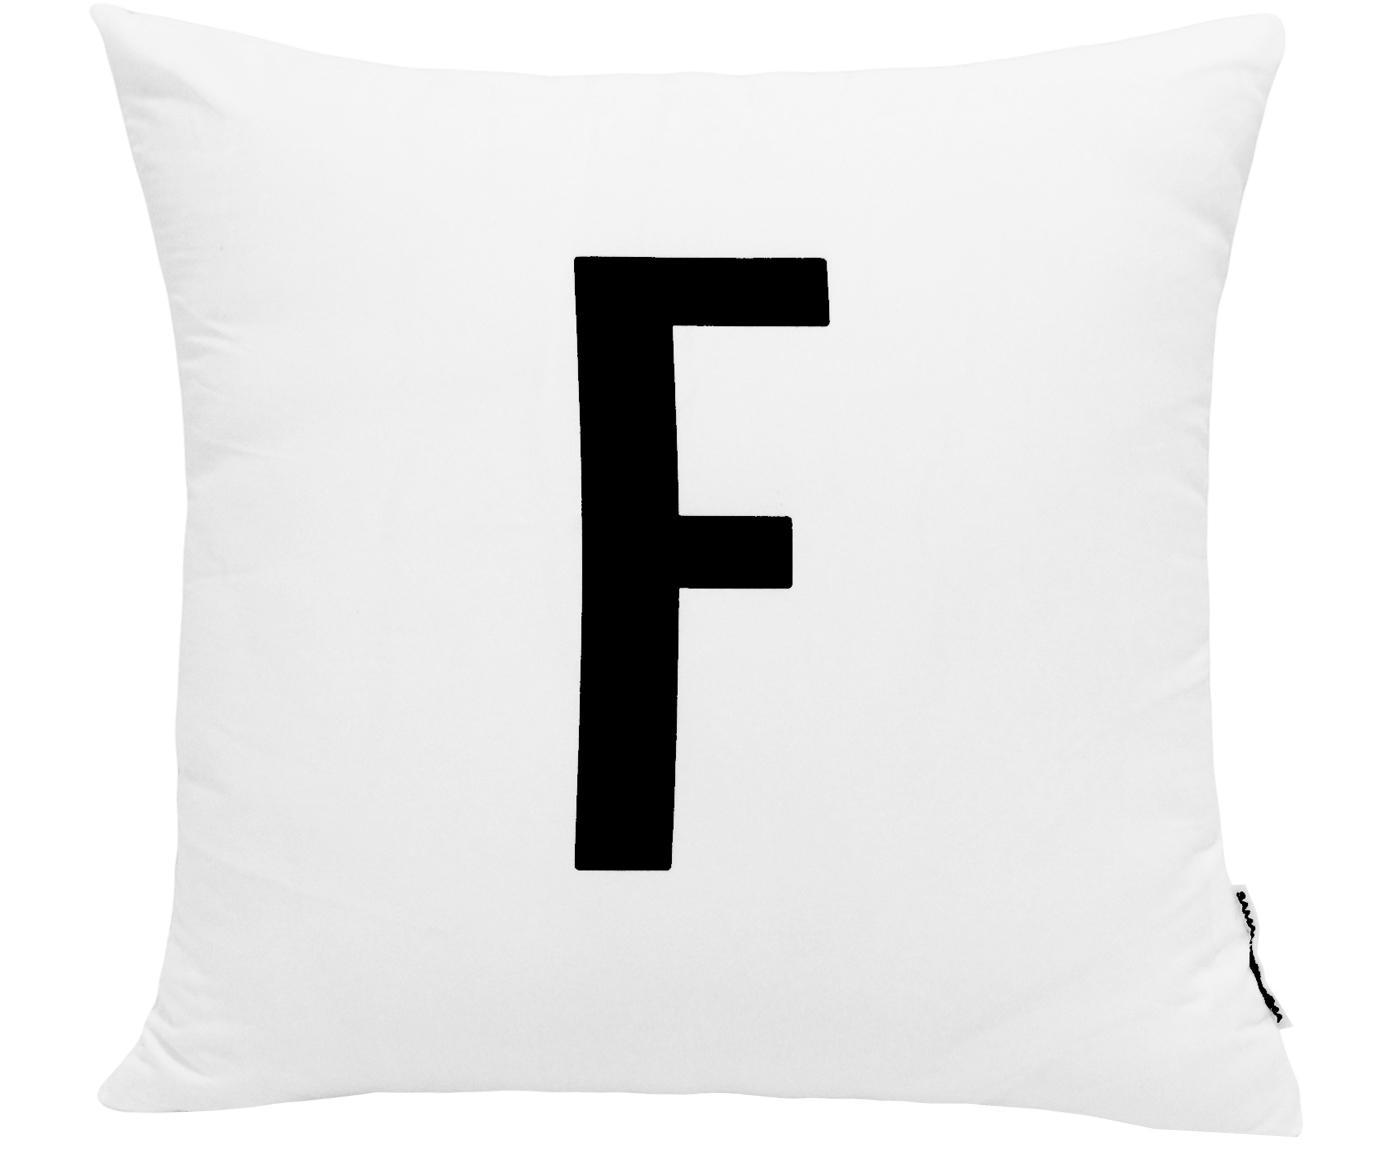 Kissenhülle Alphabet (Varianten von A bis Z), 100% Polyester, Schwarz, Weiss, Variante F